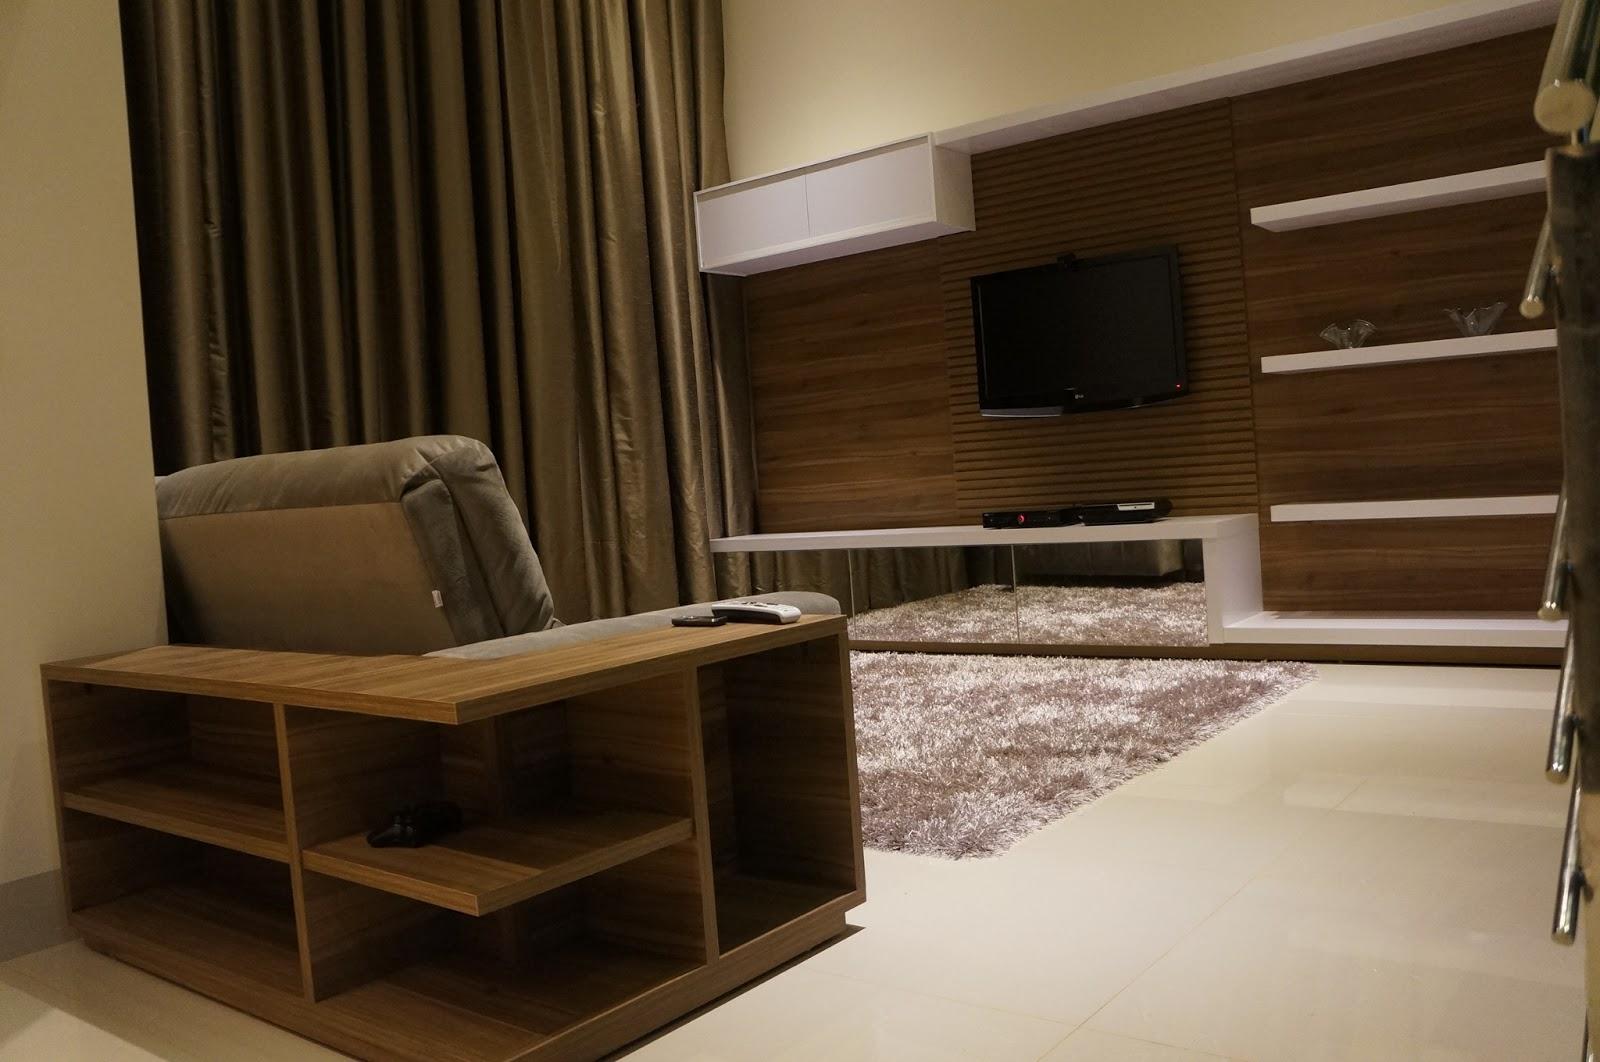 Construindo um Castelinho: Home planejado em sala de pé direito duplo #2D1F0E 1600x1062